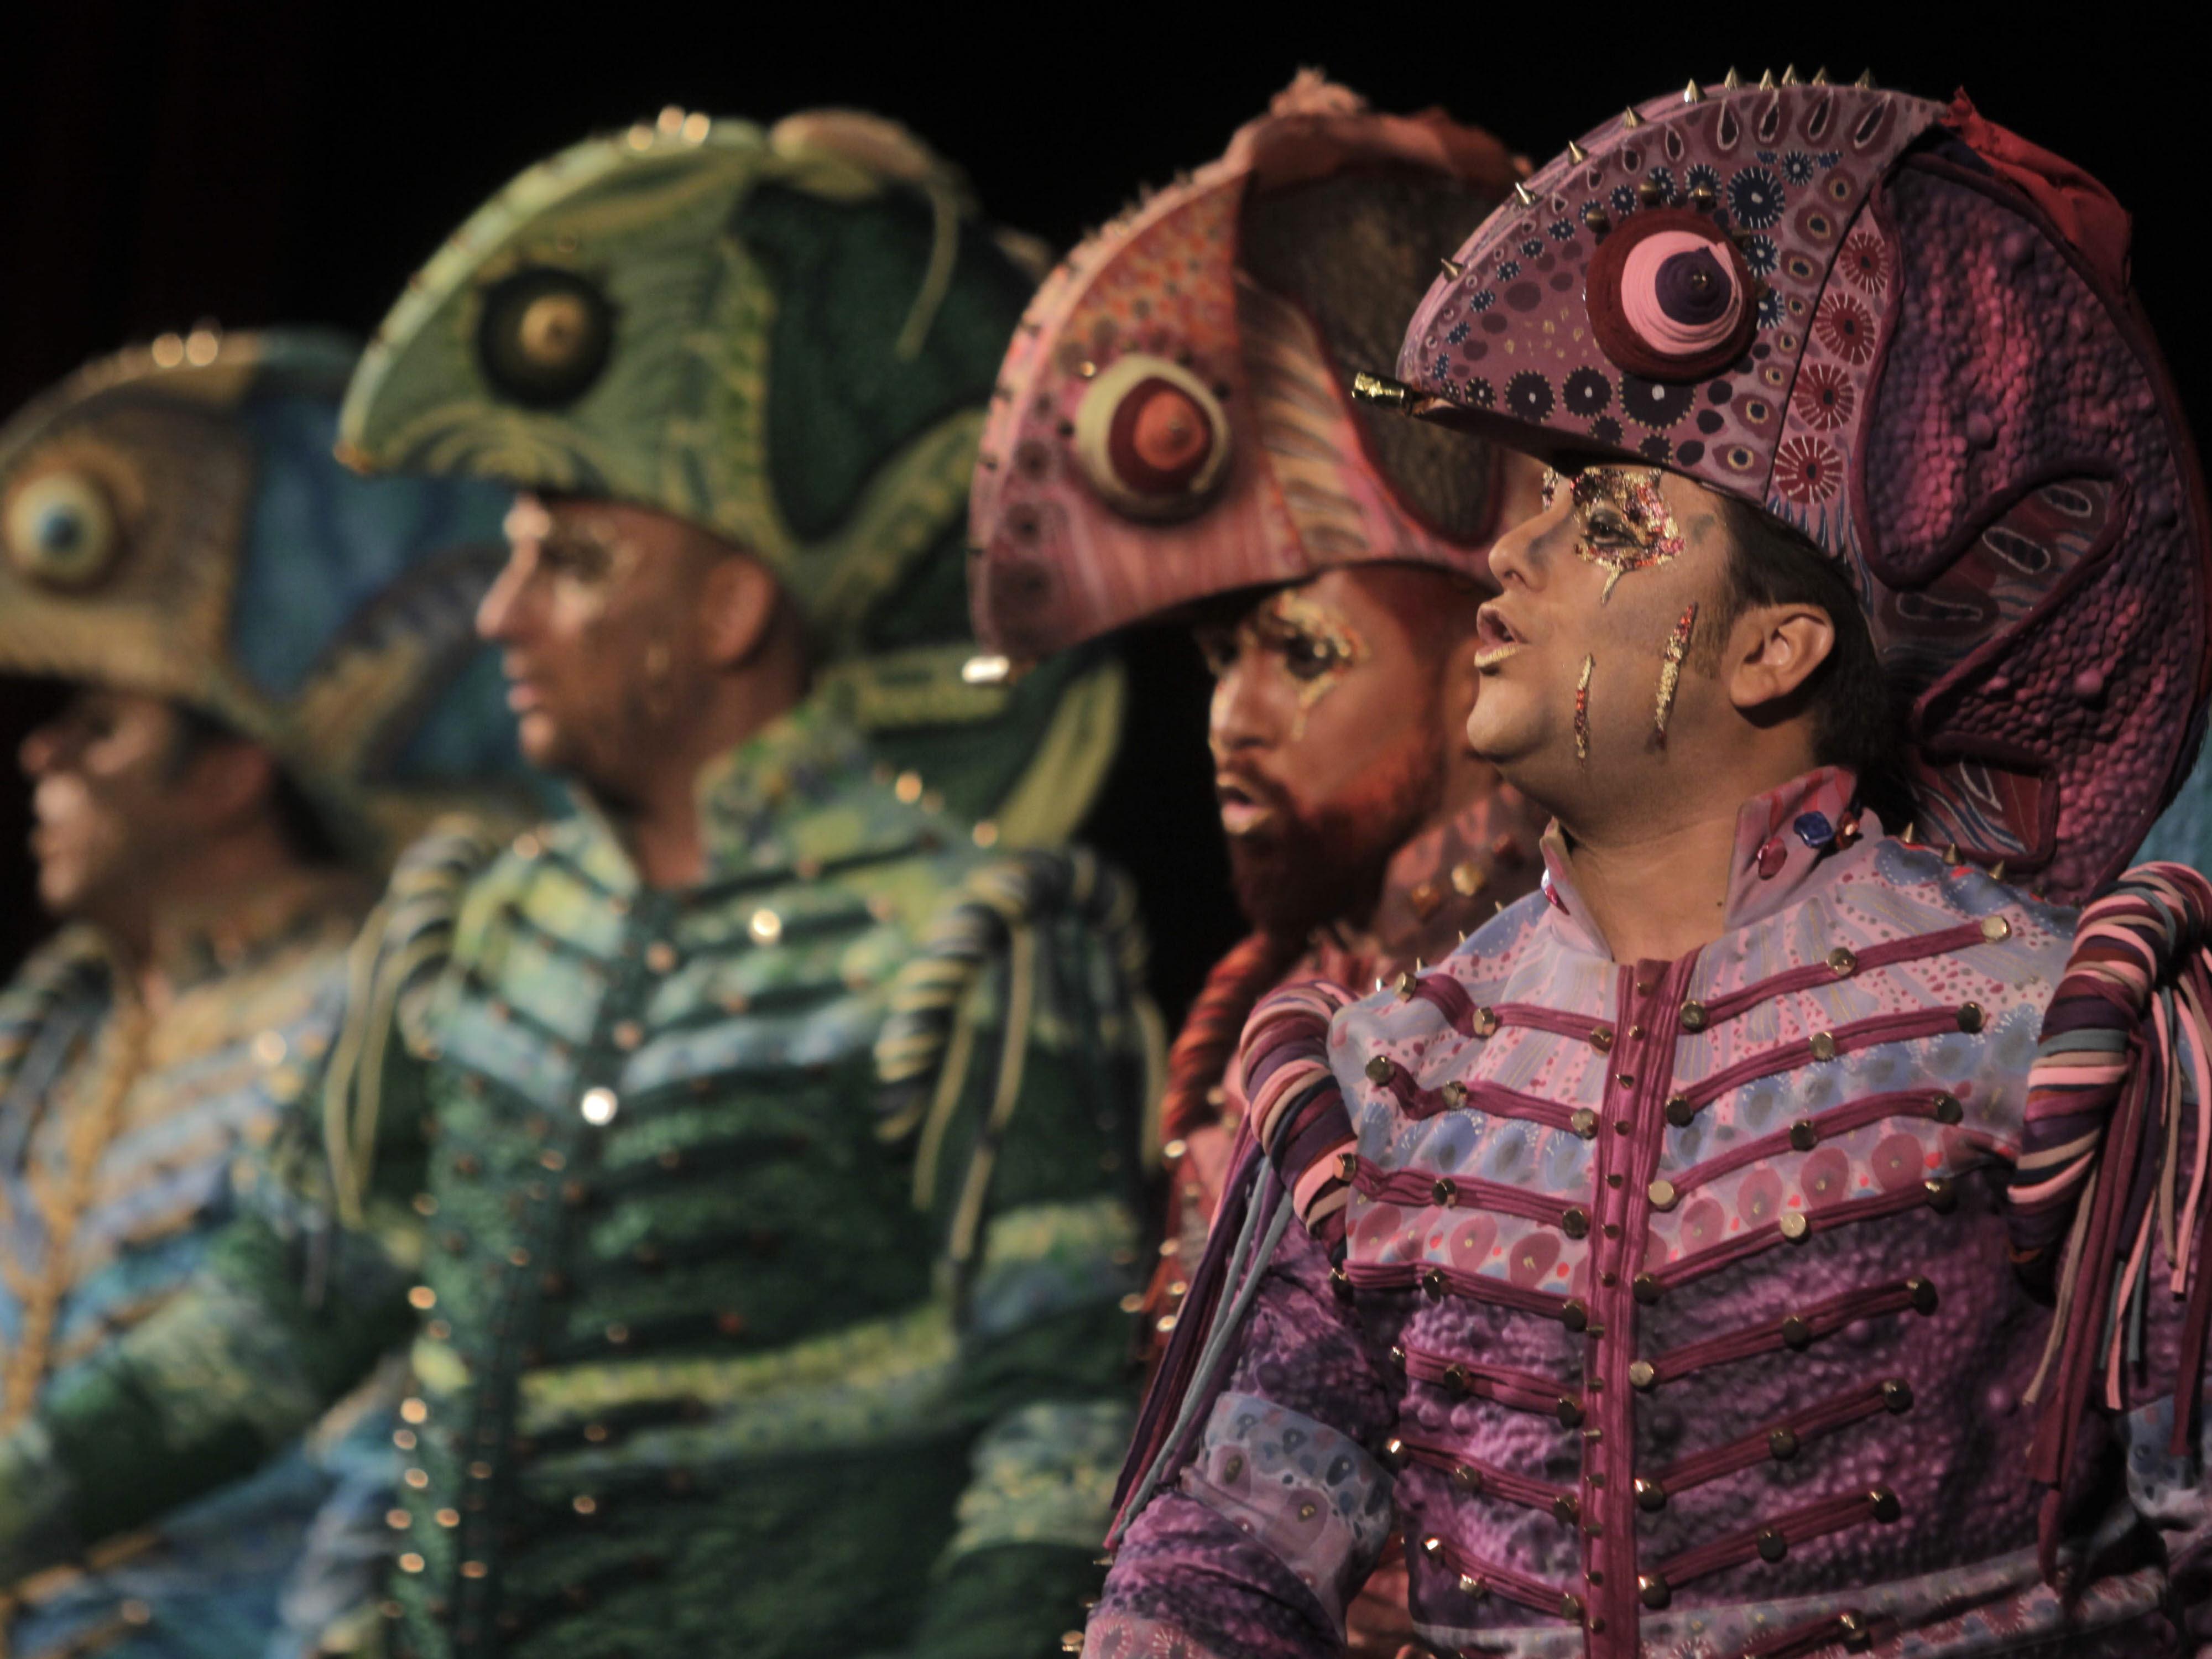 La comparsa de Martínez Ares ya tiene nombre para el Carnaval 2017